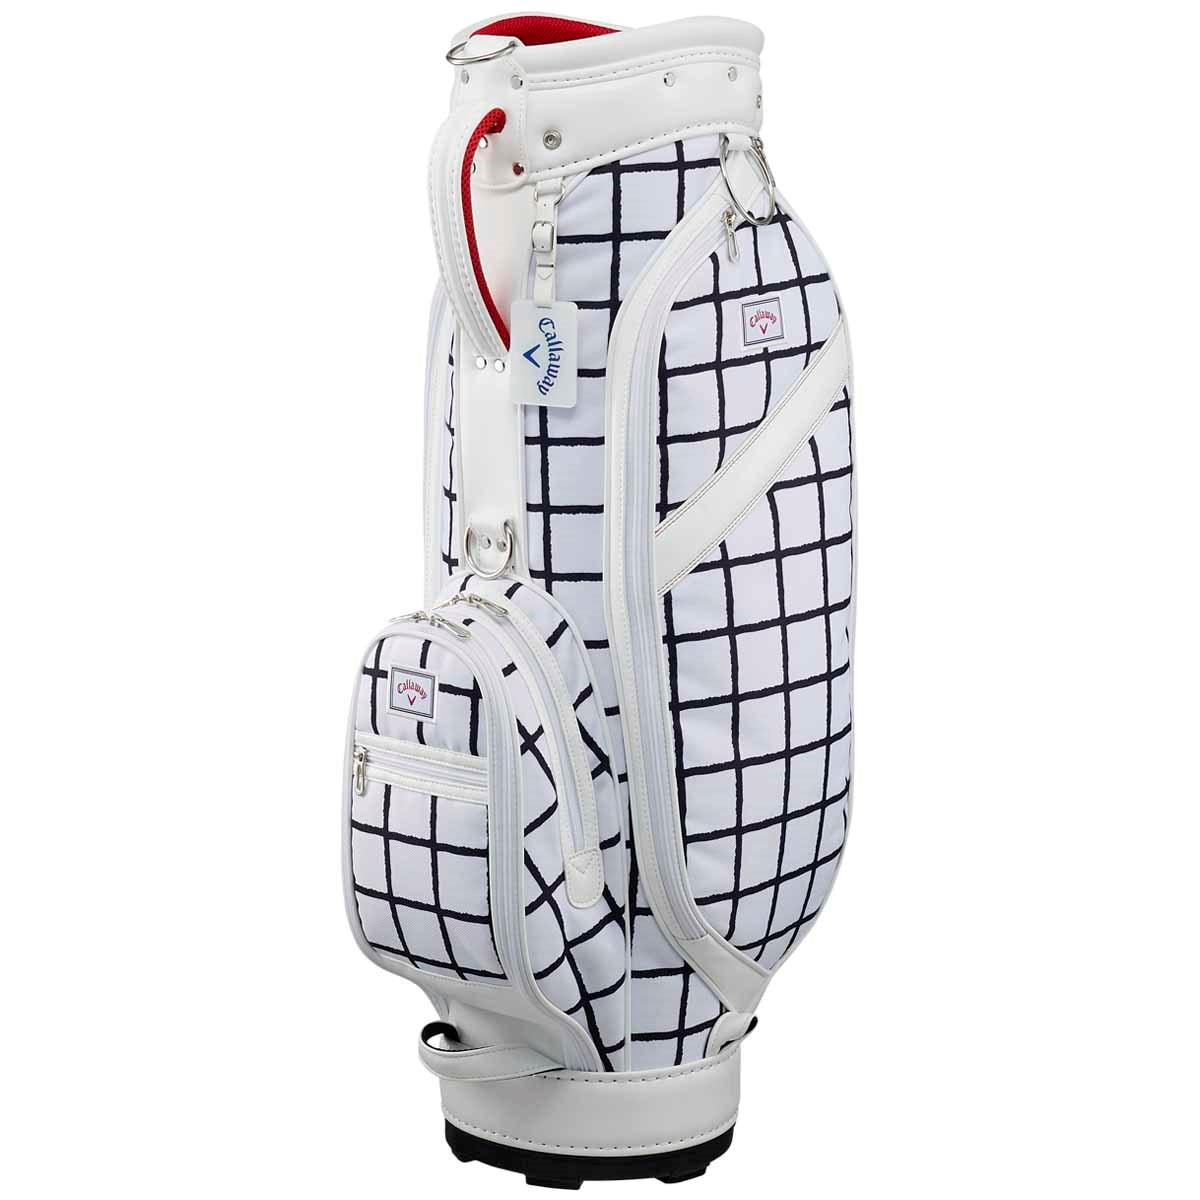 キャロウェイゴルフ(Callaway Golf) CRT URBAN キャディバッグ 18JMレディス